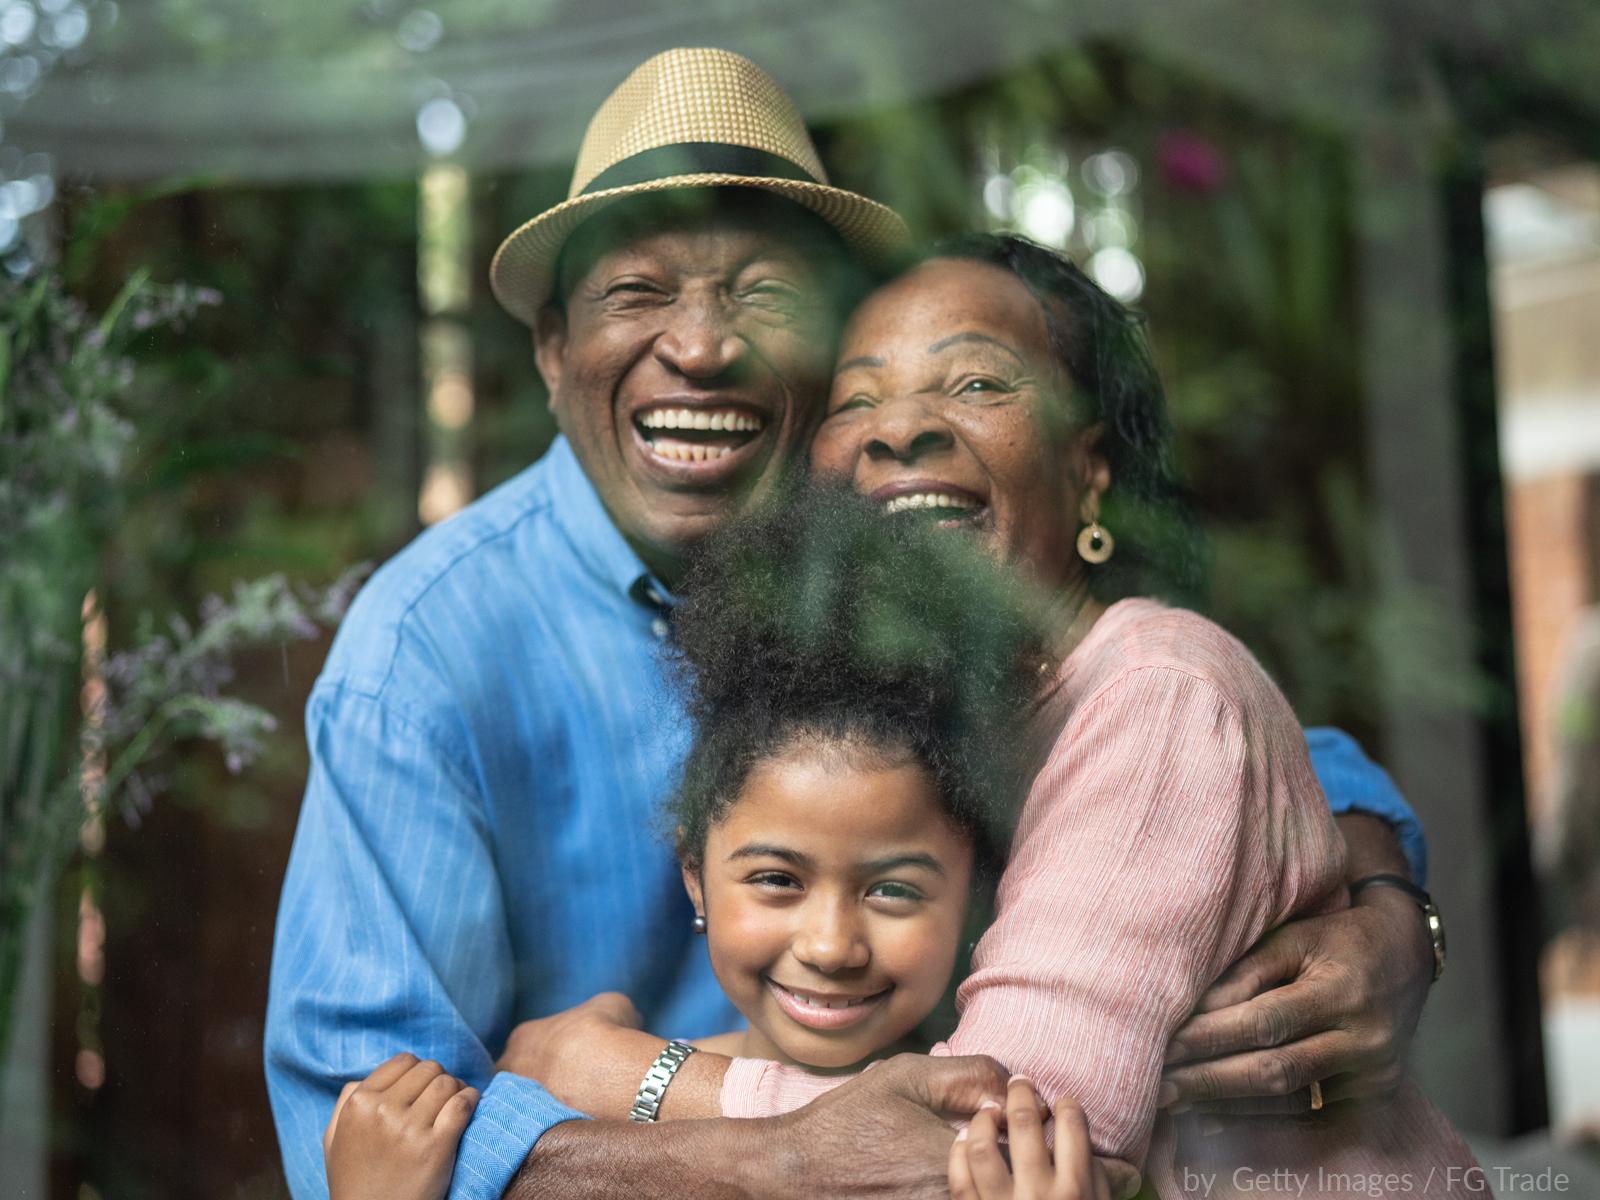 Pais divorciados. Como os avós podem conviver como os netos?